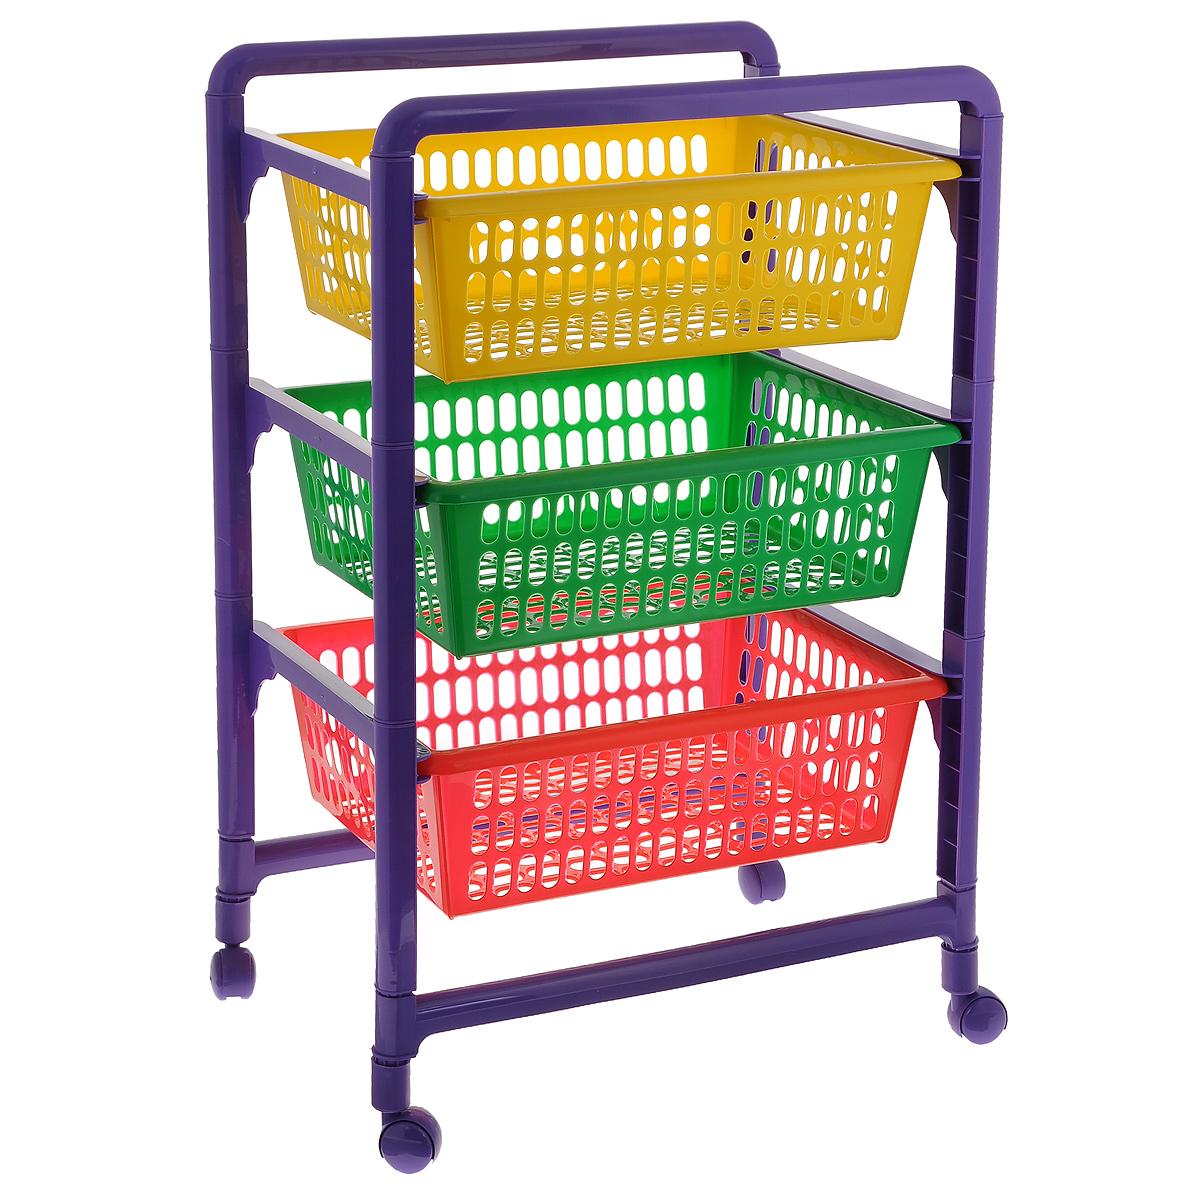 Контейнер для игрушек Малыш, 3-х секционный, на колесиках, с выдвижными полками, 45 x 31,1 x 66,2 смС460Контейнер Малыш, выполненный из высококачественного пластика, предназначен для хранения игрушек. Состоит из трех перфорированных секций разного цвета. Вместительные выдвижные полки позволят компактно хранить детские игрушки, а также защитят их от пыли, грязи и влаги.Контейнер оснащен колесиками, поэтому его очень легко двигать.Размер в сложенном виде: 45 см х 31,1 см х 18 см. Размер в собранном виде: 45 см x 31,1 см x 66,2 см. Размер корзинки: 49,5 см x 30 см x 12 см.